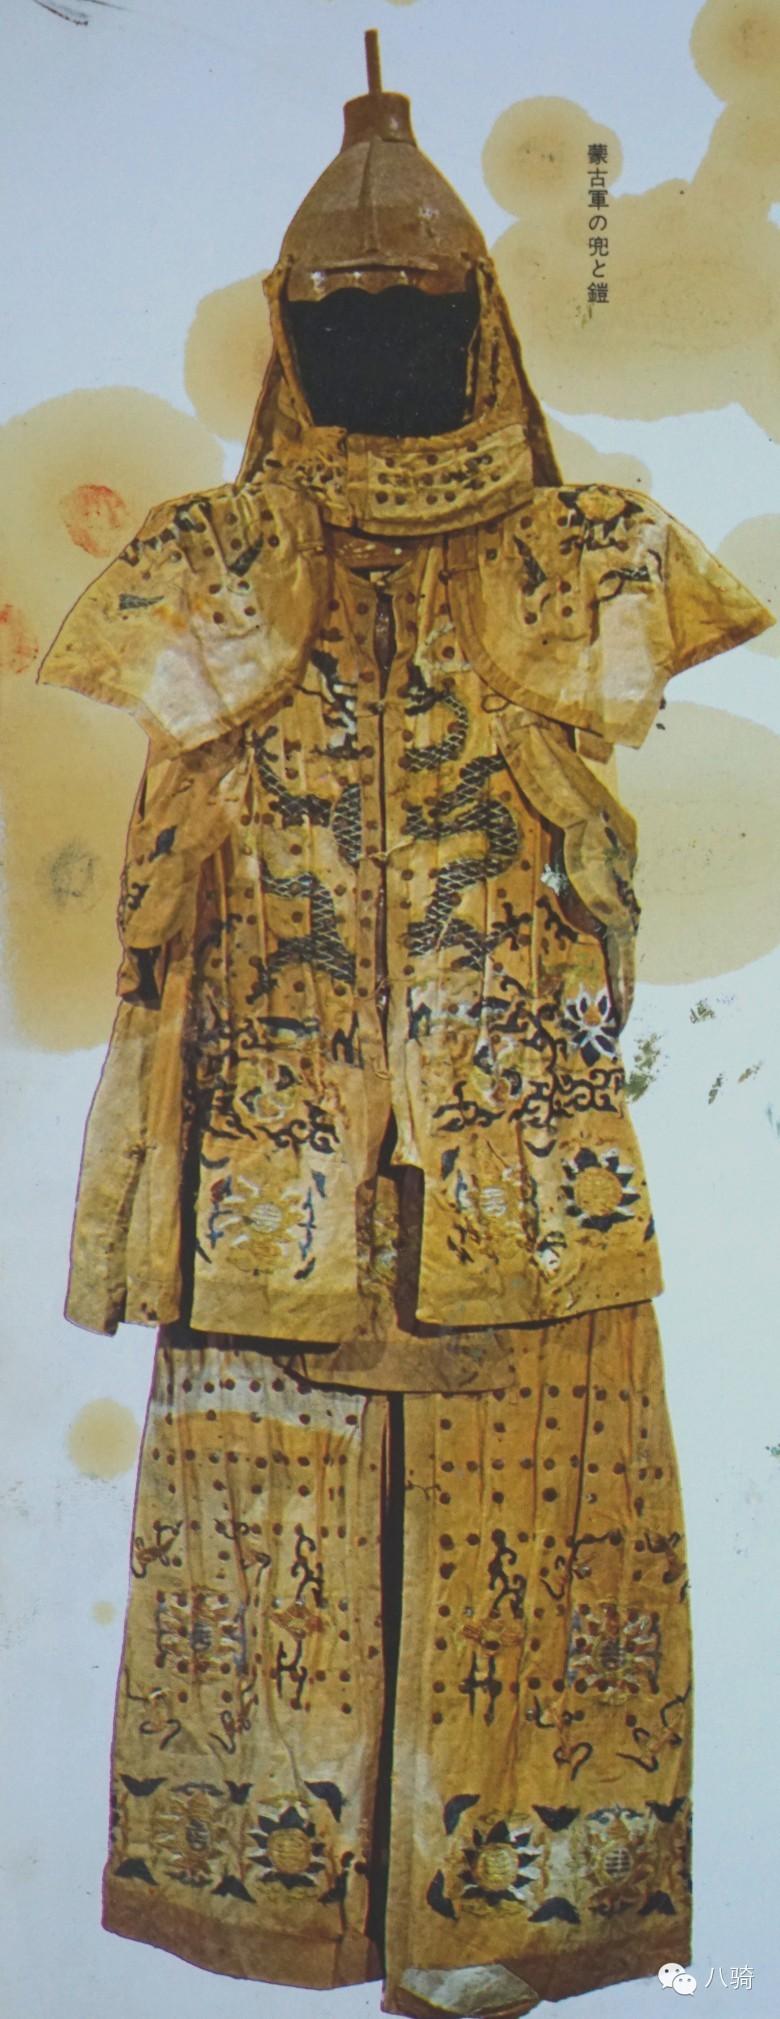 【蒙古文化】冷兵器时代的余温 蒙古铠甲图集 第6张